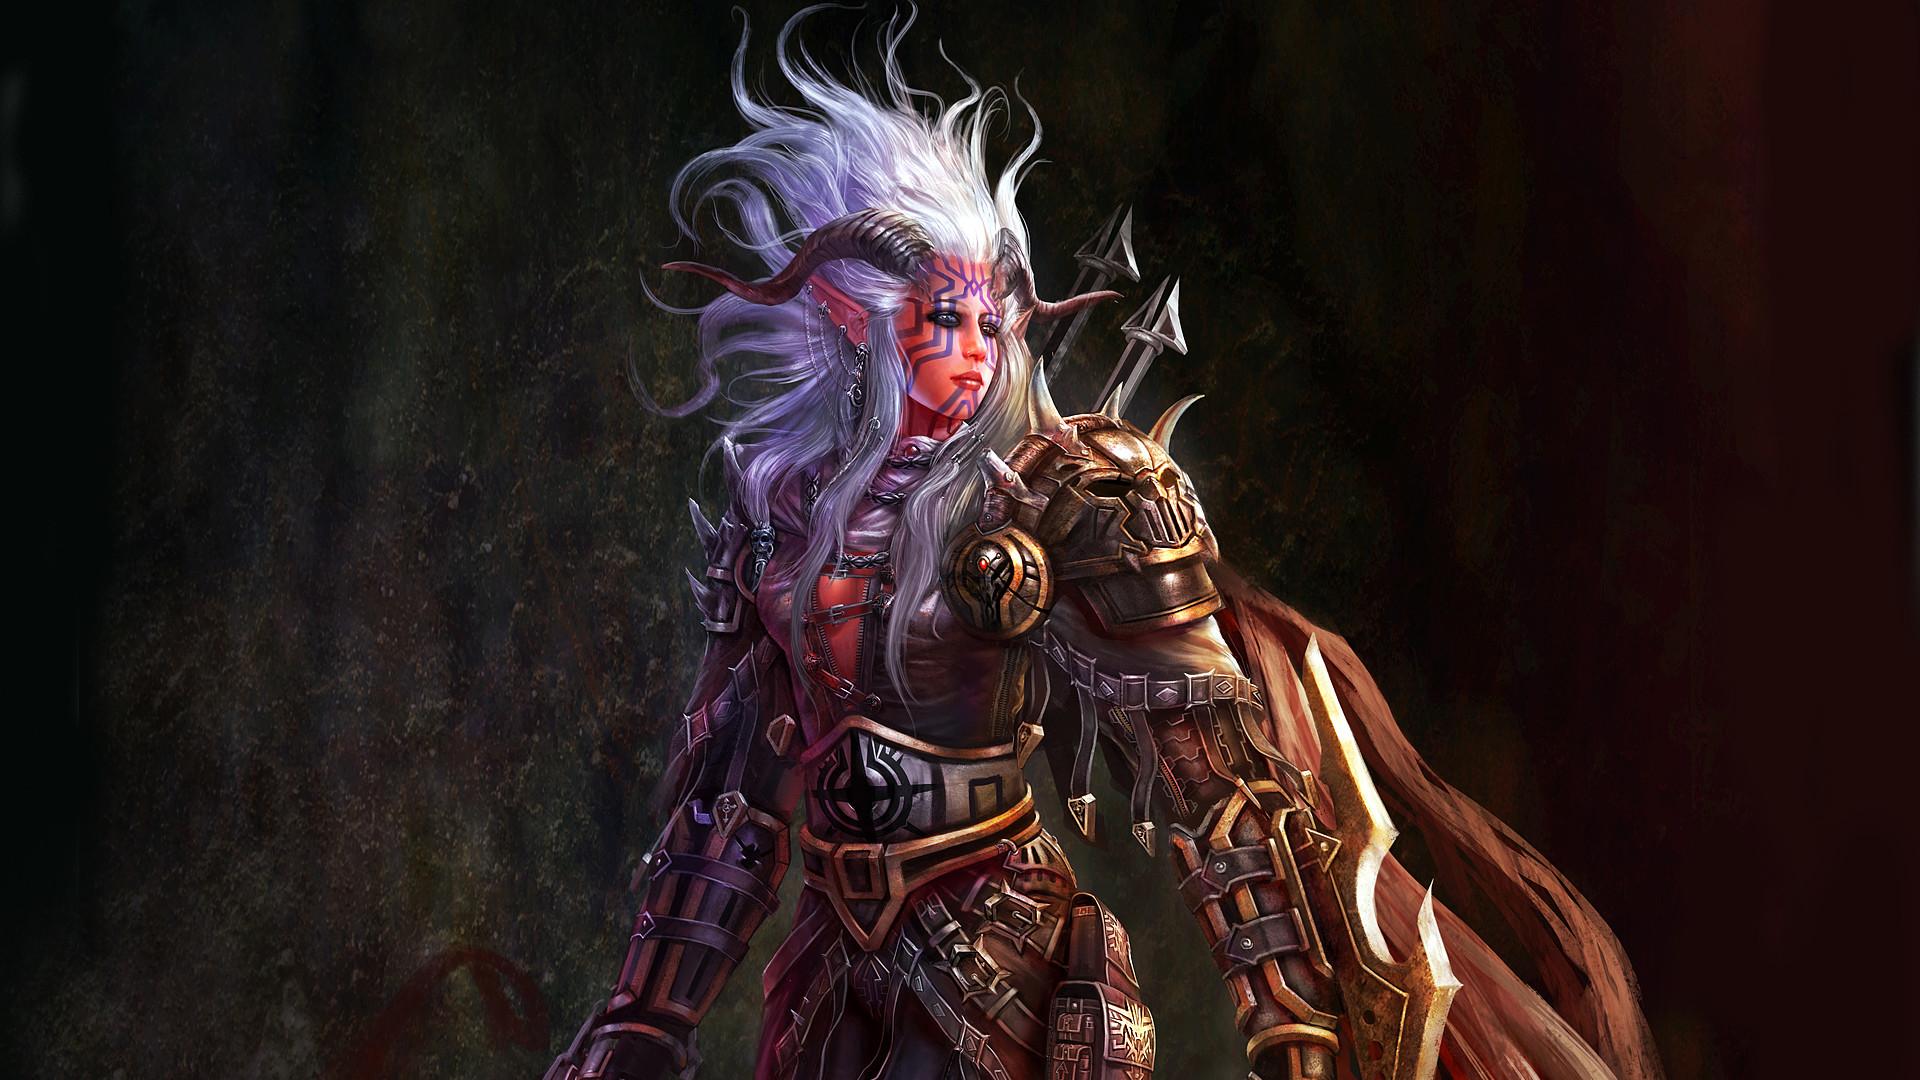 Women paintings assassin horns fantasy art artwork drawings white hair demon  warrior girl women females wallpaper | | 44259 | WallpaperUP